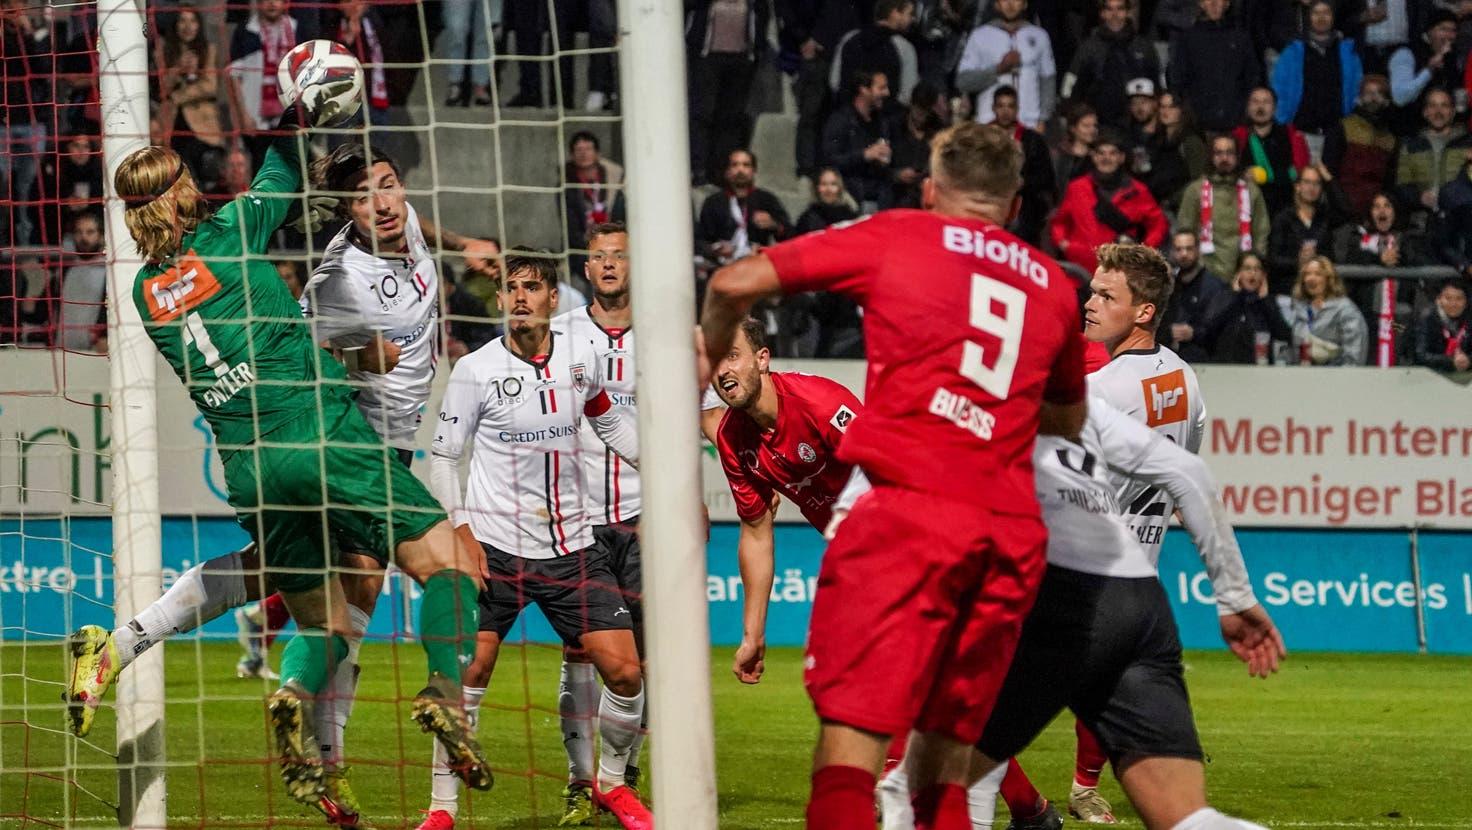 Goalie Enzler mit Glanzparaden und ein überforderter Conus – die FCA-Noten zum Unentschieden gegen Winterthur